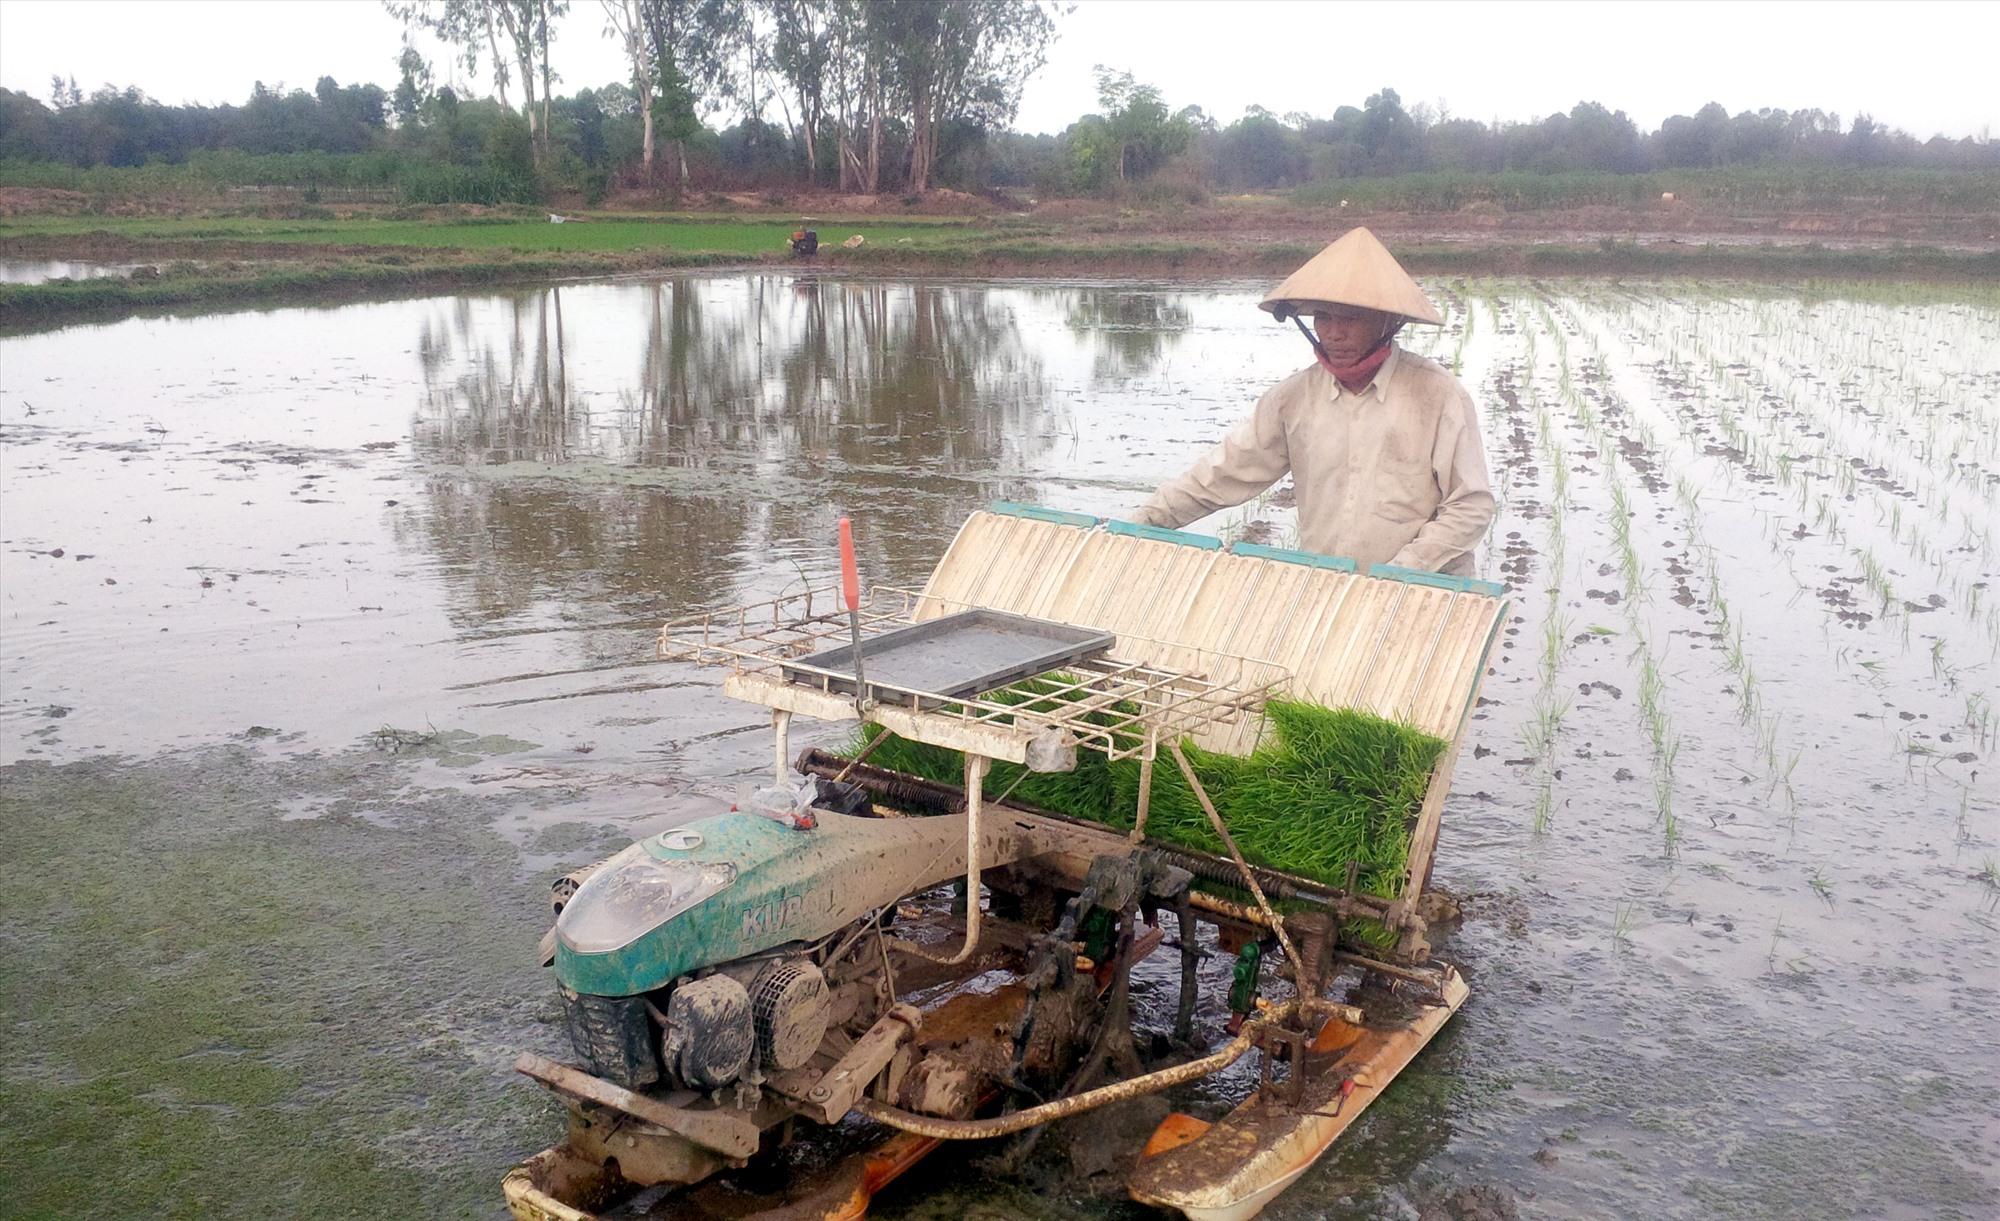 Nông dân đầu tư cơ giới hóa để nâng cao hiệu quả sản xuất nông nghiệp. Ảnh: H.QUANG